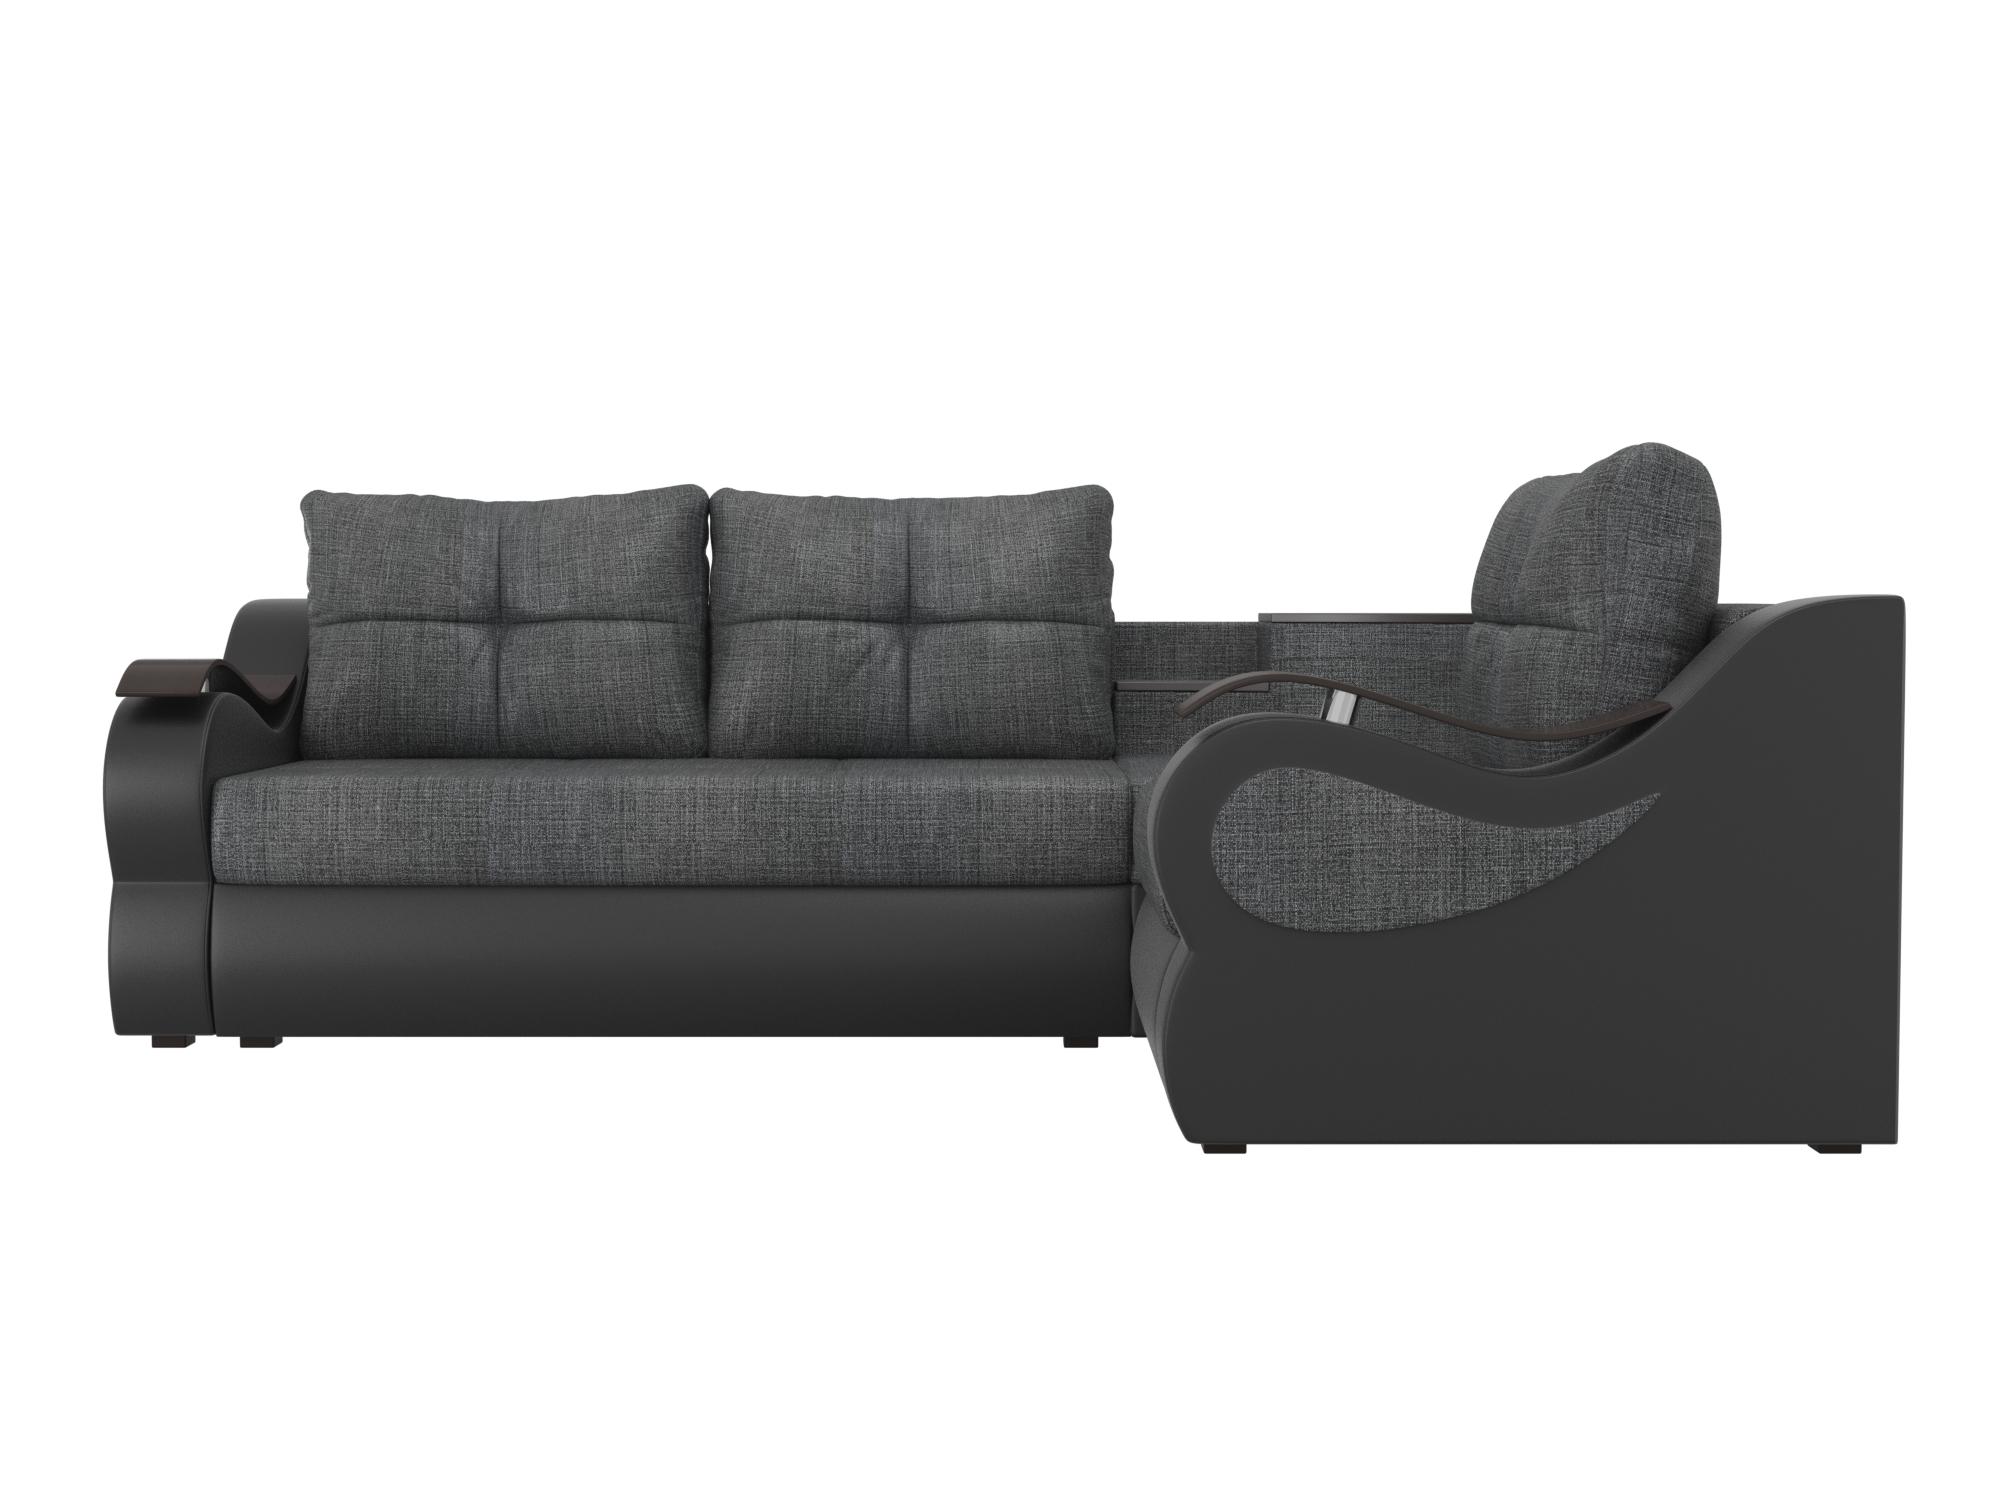 Угловой диван Митчелл Правый MebelVia Серый, Черный, Рогожка, ЛДСП Серый, Черный